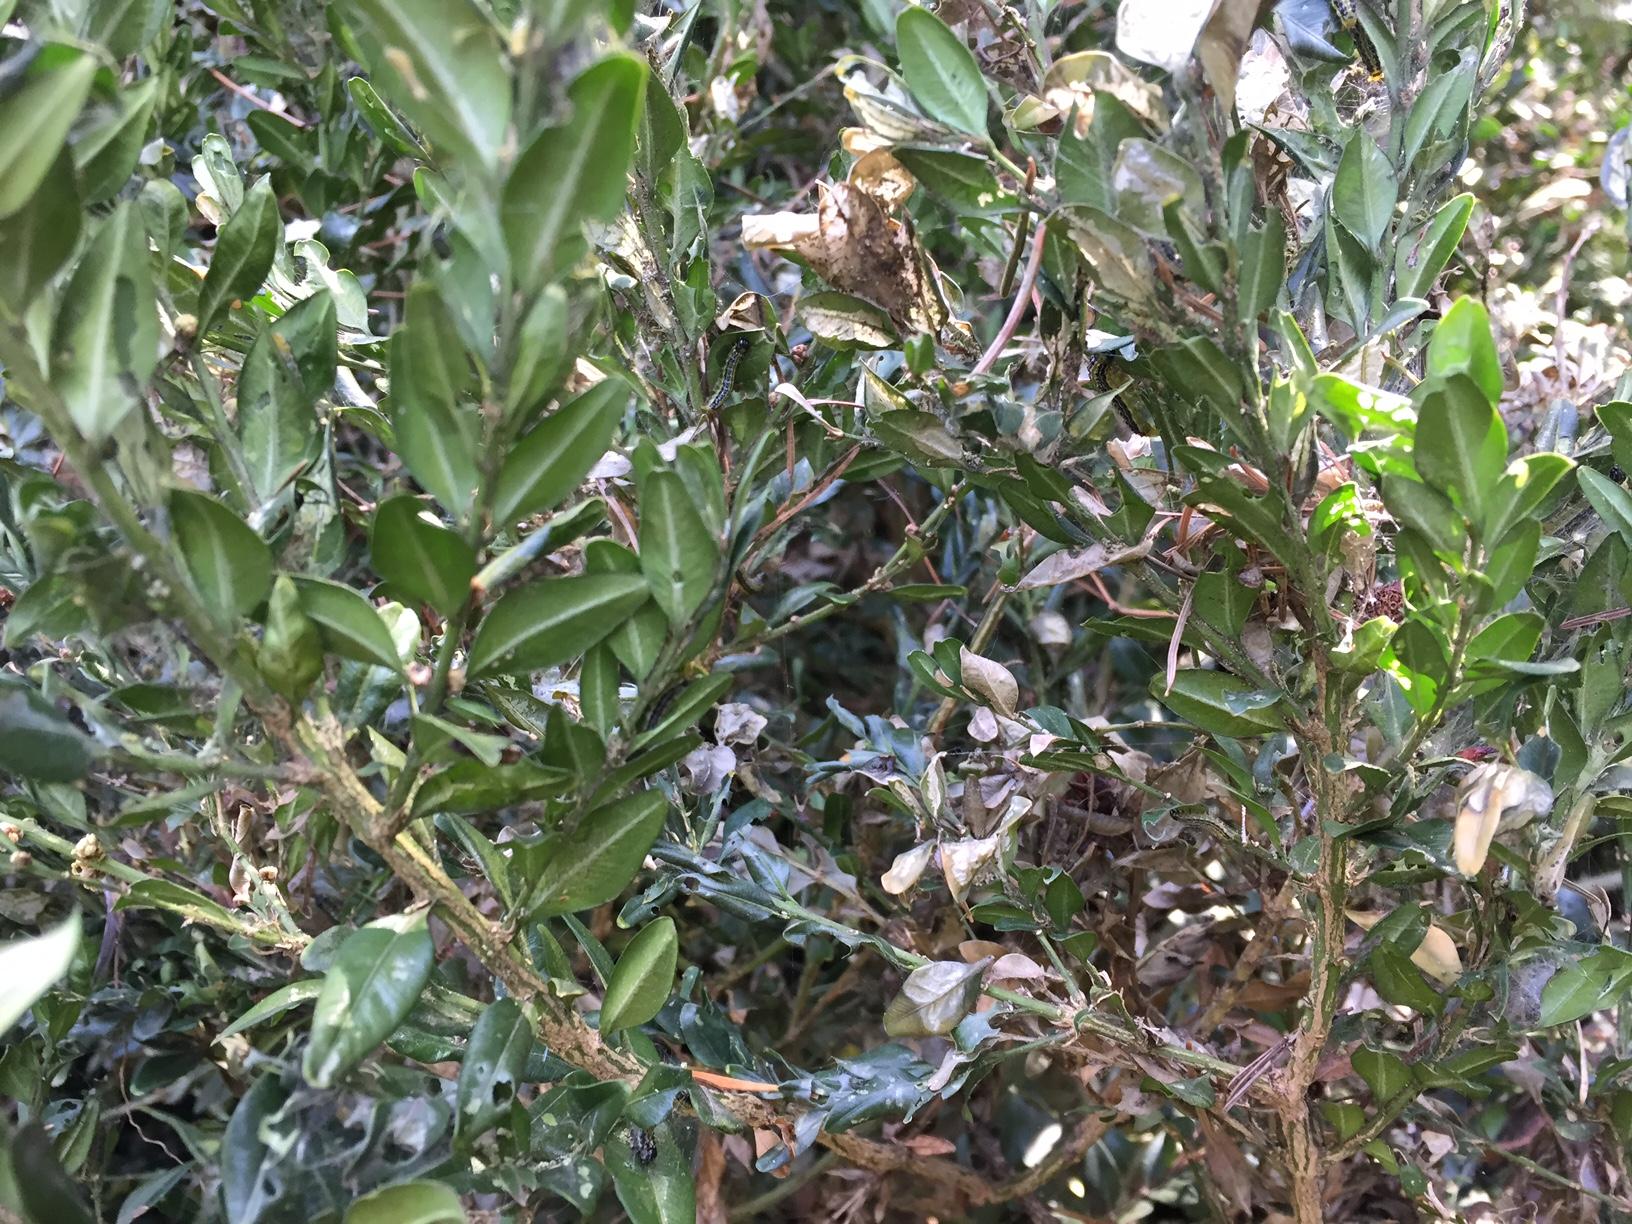 hausmittel gegen buchsbaumzünsler